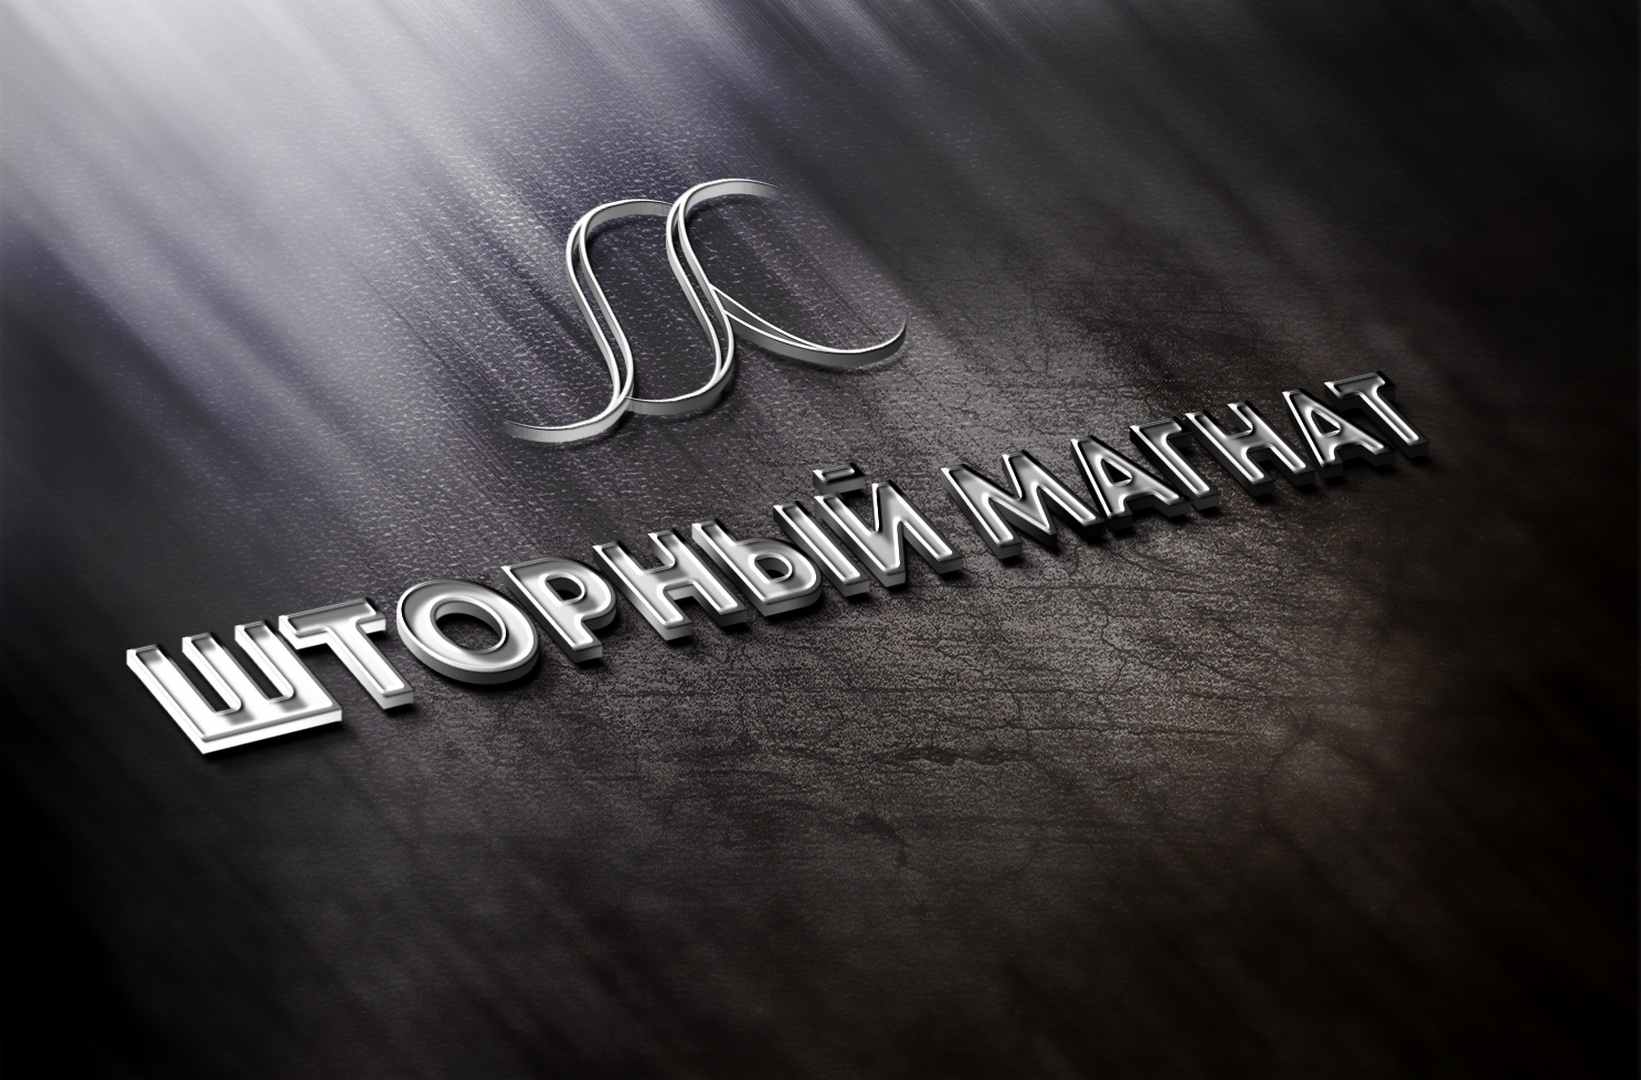 Логотип и фирменный стиль для магазина тканей. фото f_4015cdc0cfa54362.jpg